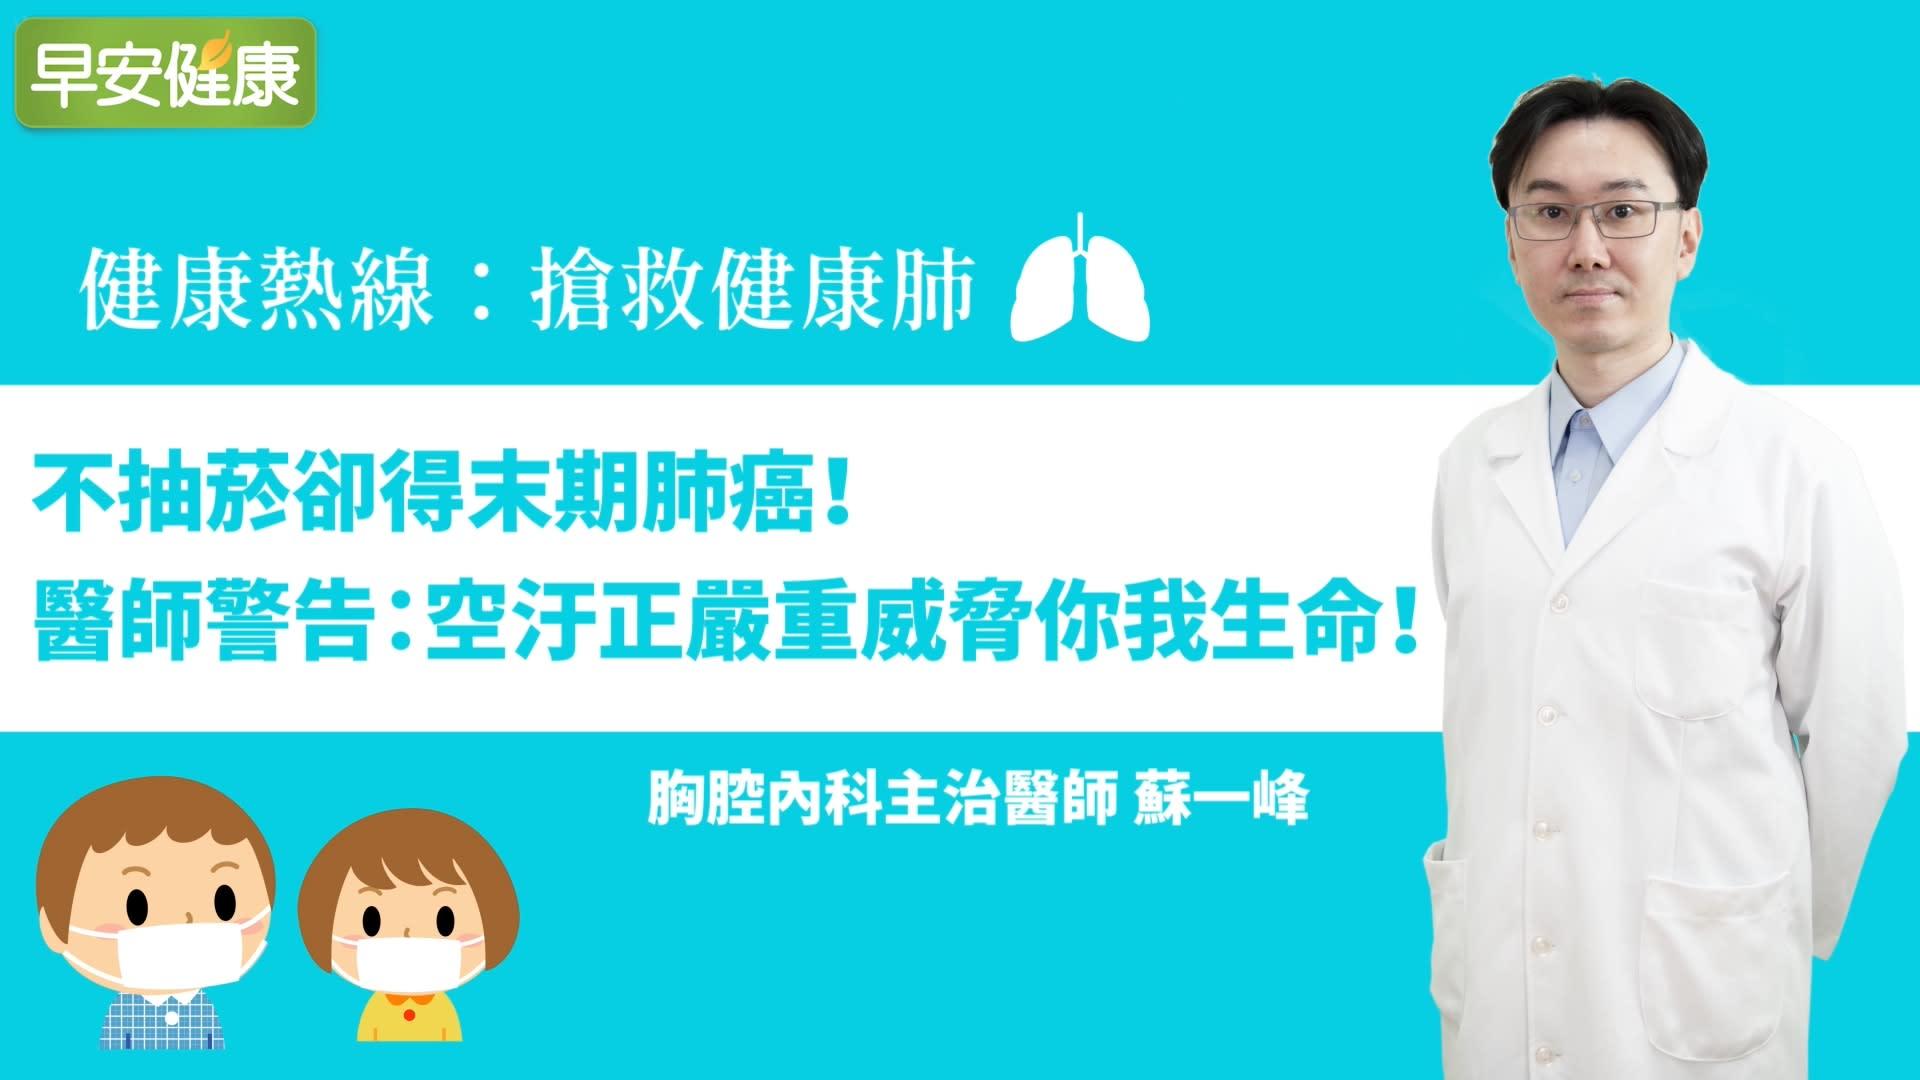 不抽菸卻得末期肺癌!醫師警告:空汙正嚴重威脅你我生命!【早安健康】